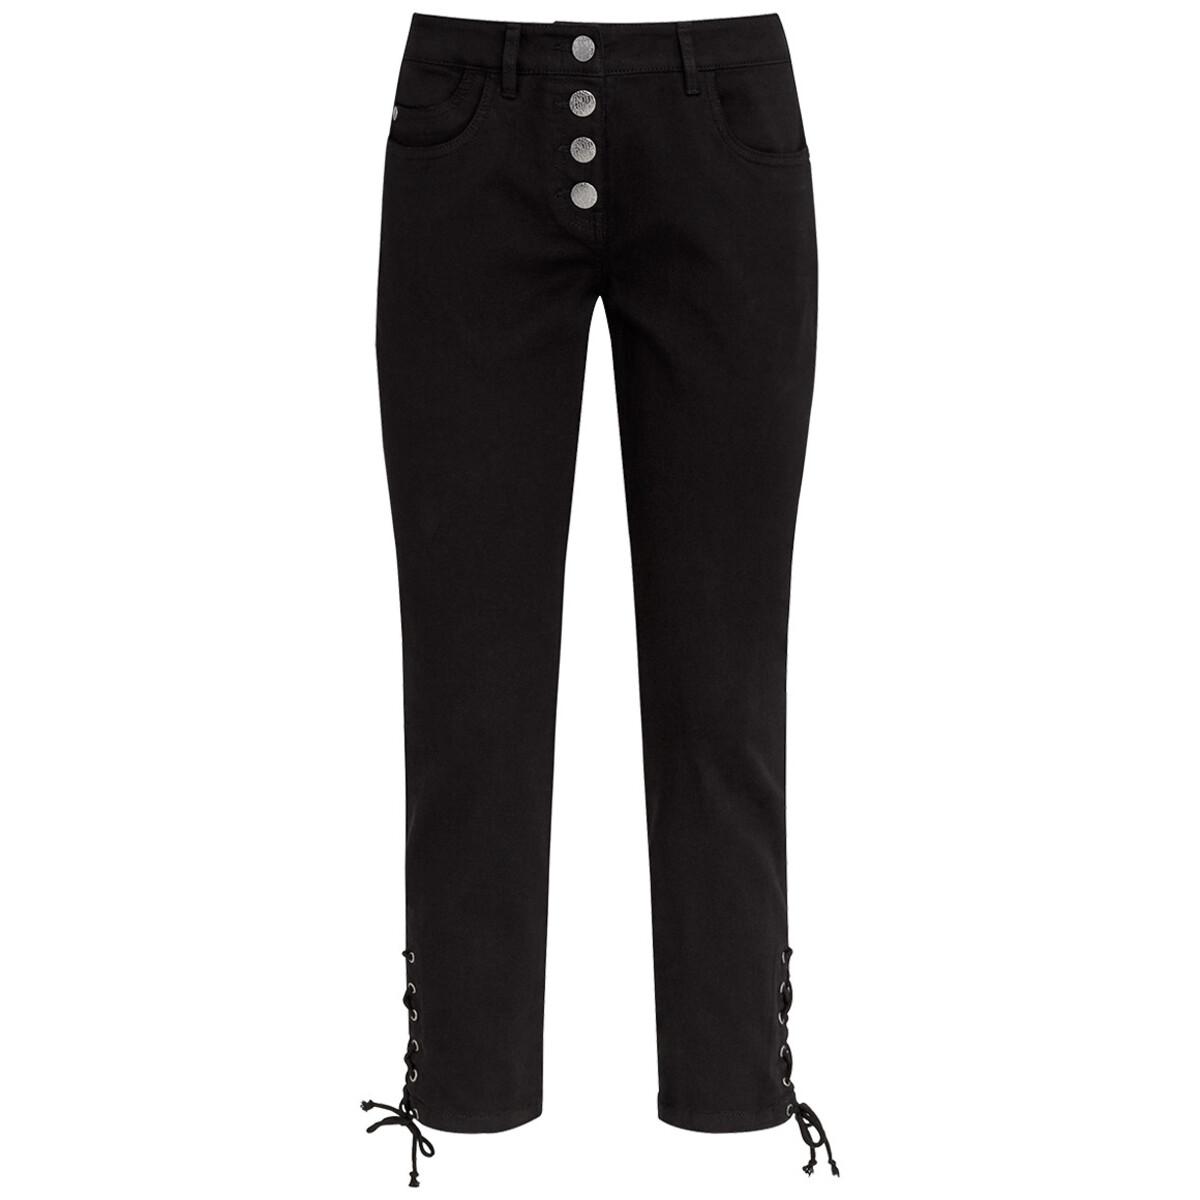 Bild 1 von 7/8 Damen Slim-Jeans mit Schnürung